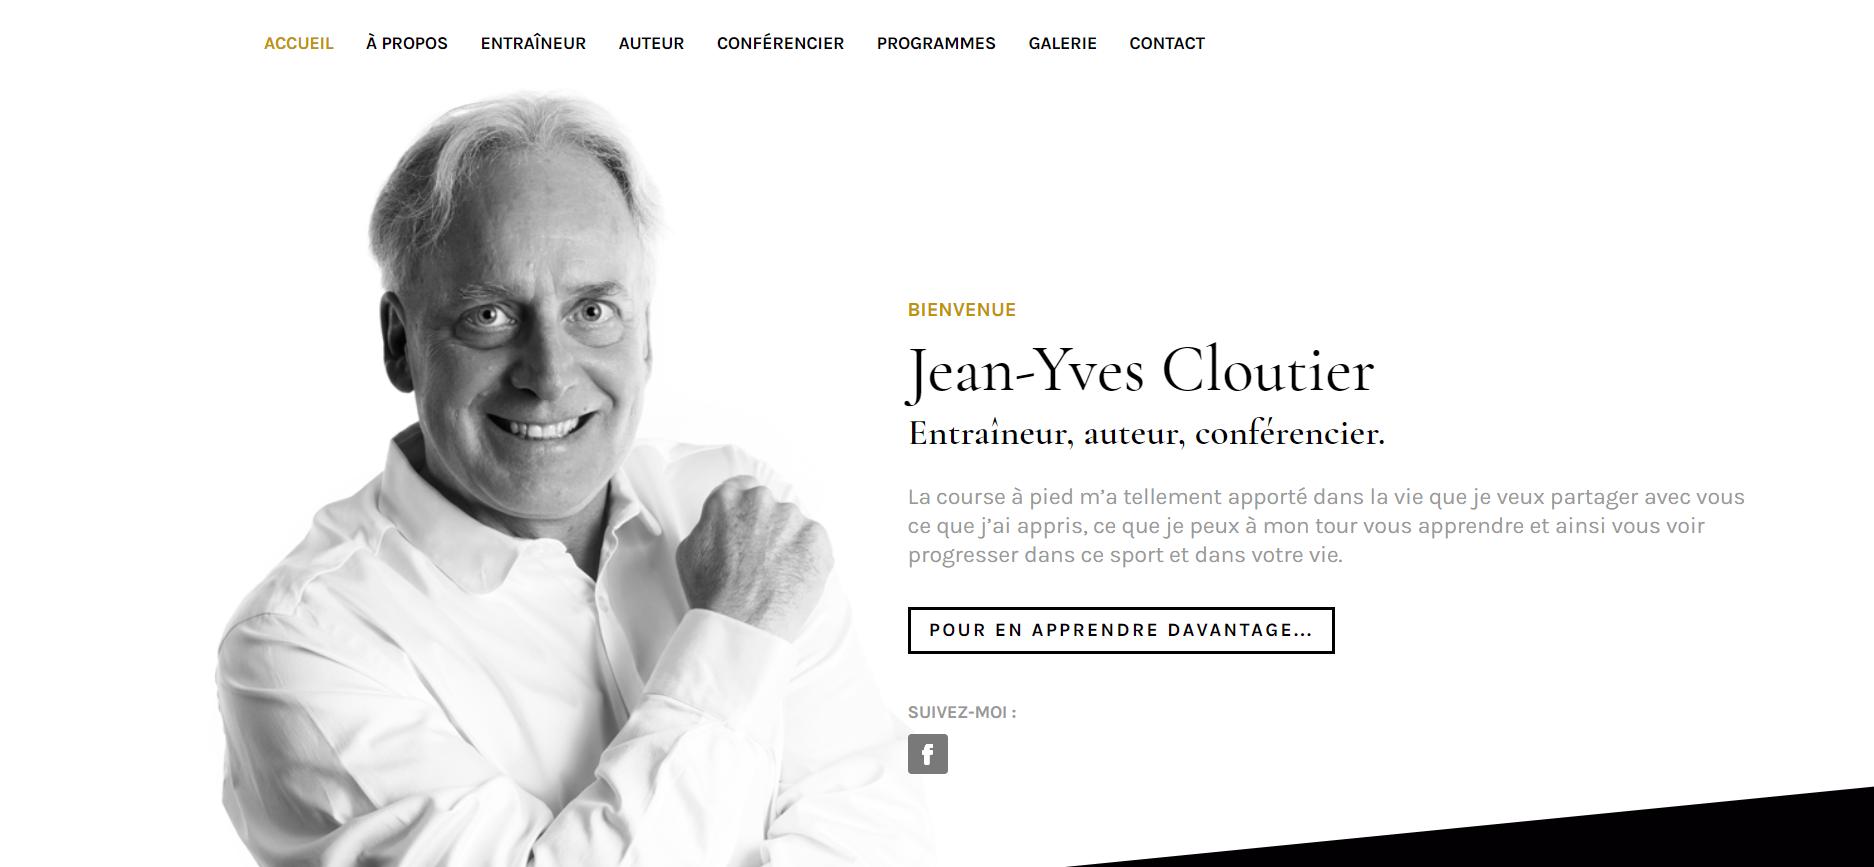 Jean-Yves Cloutier